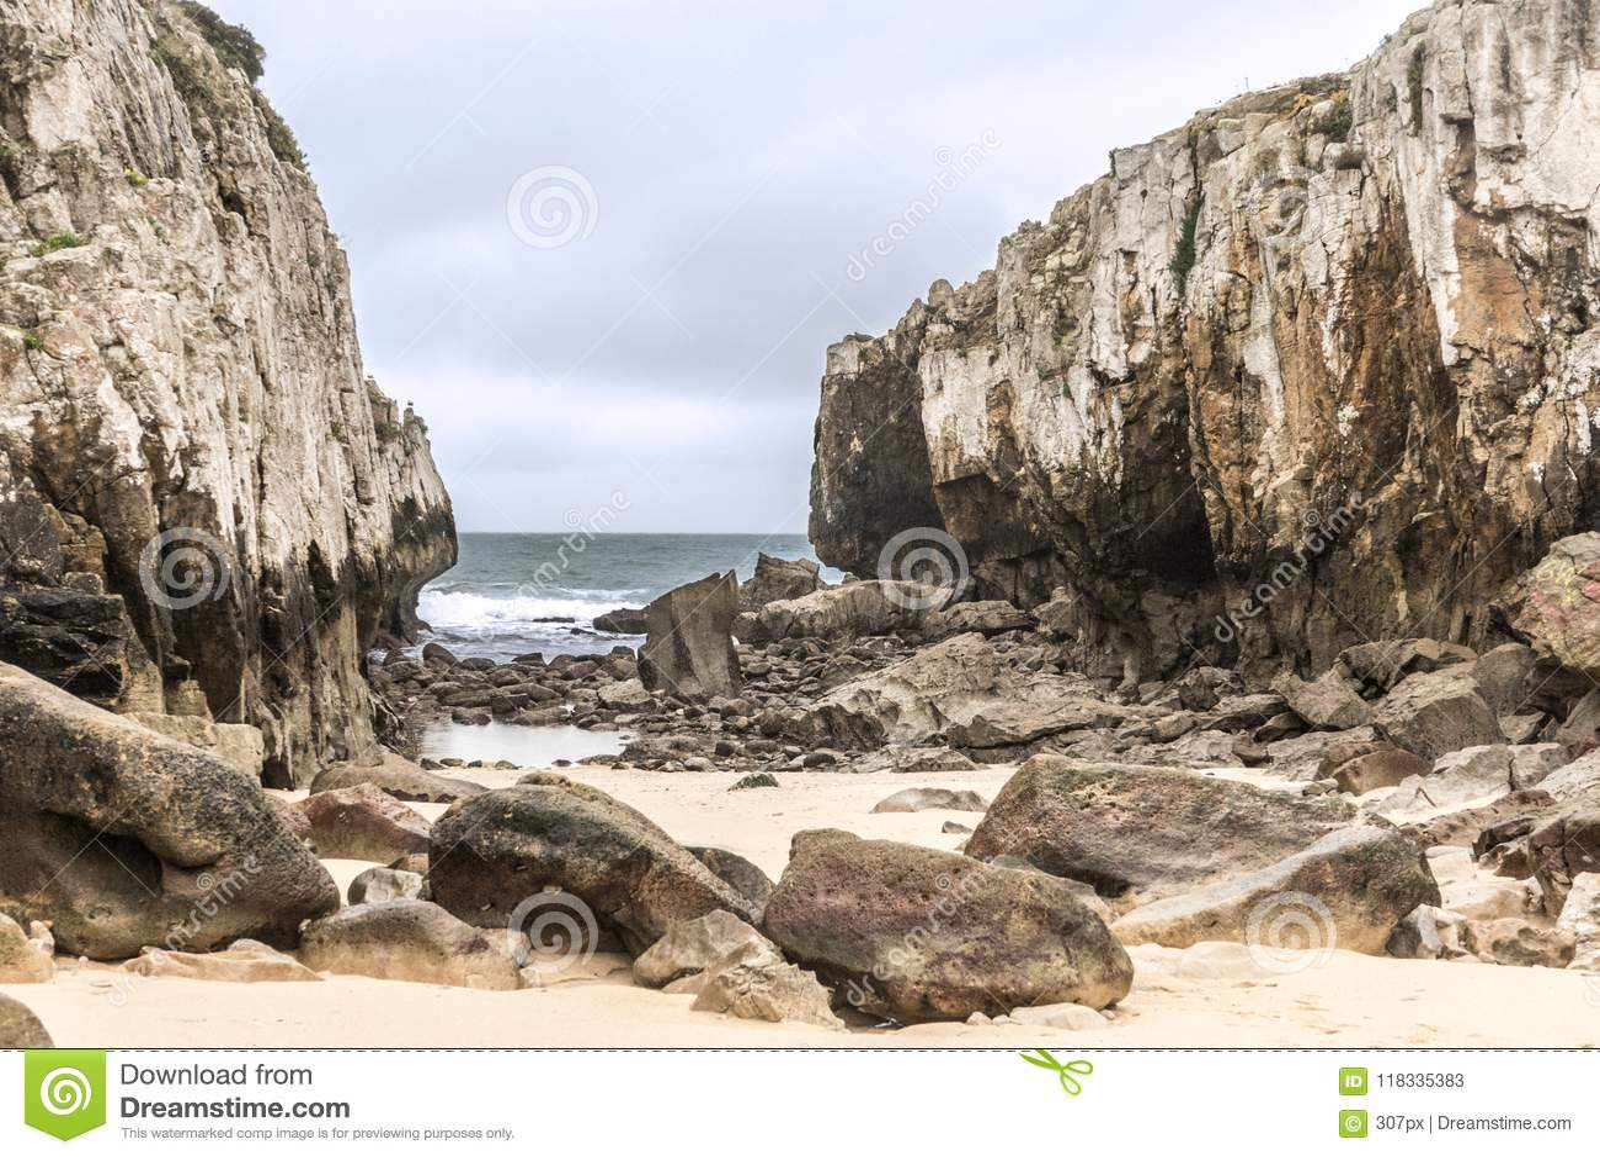 Spiaggia nascosta in mezzo a due scogliere un giorno nuvoloso